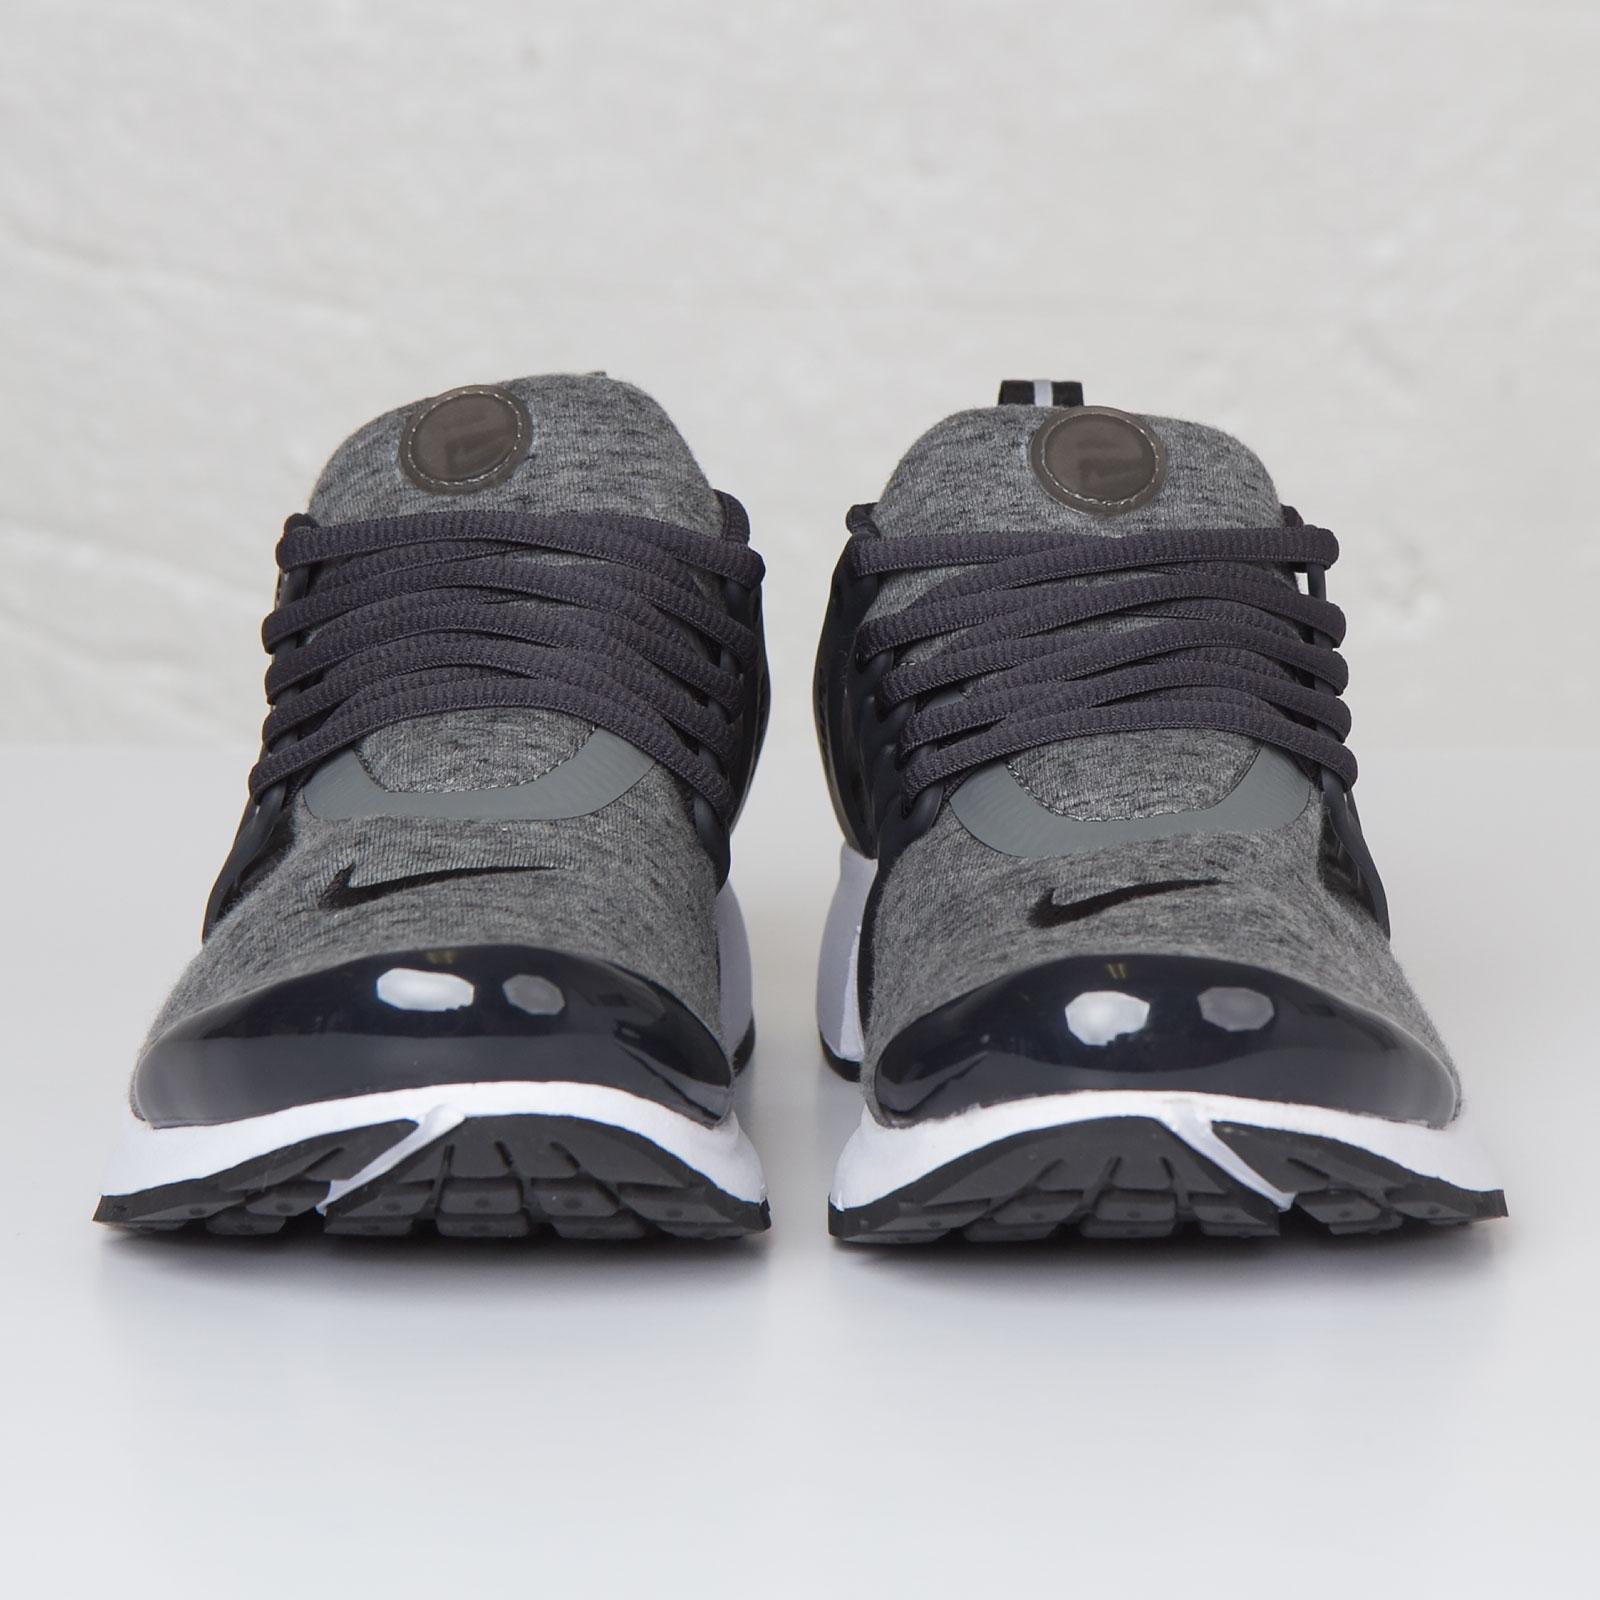 cheaper 0a056 3d60d Nike Air Presto Fleece - 812307-002 - Sneakersnstuff   sneakers    streetwear online since 1999